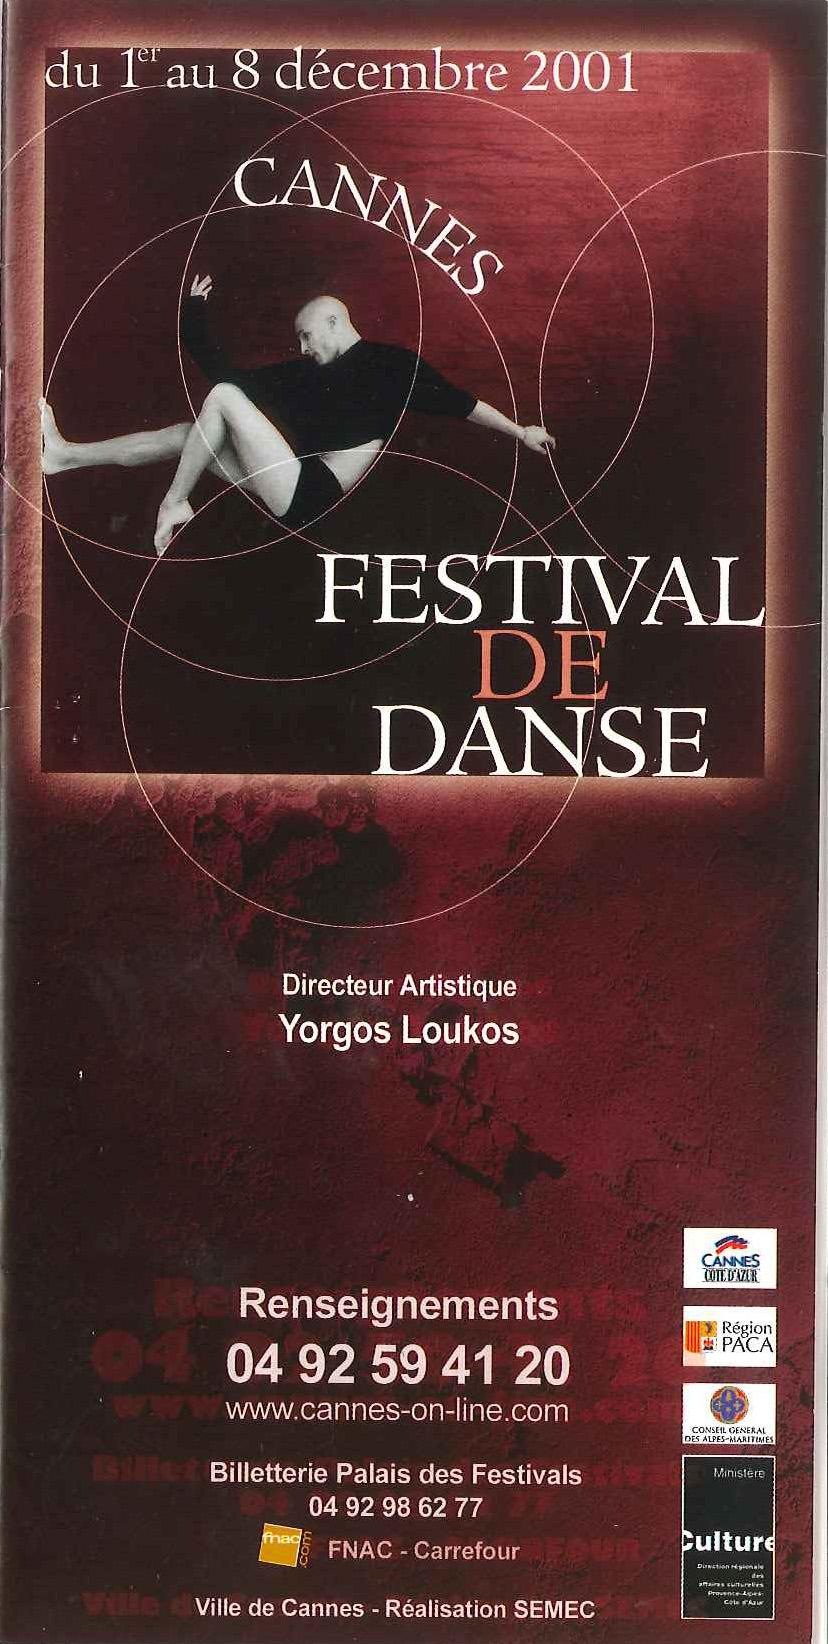 Festival de Danse Cannes 2001